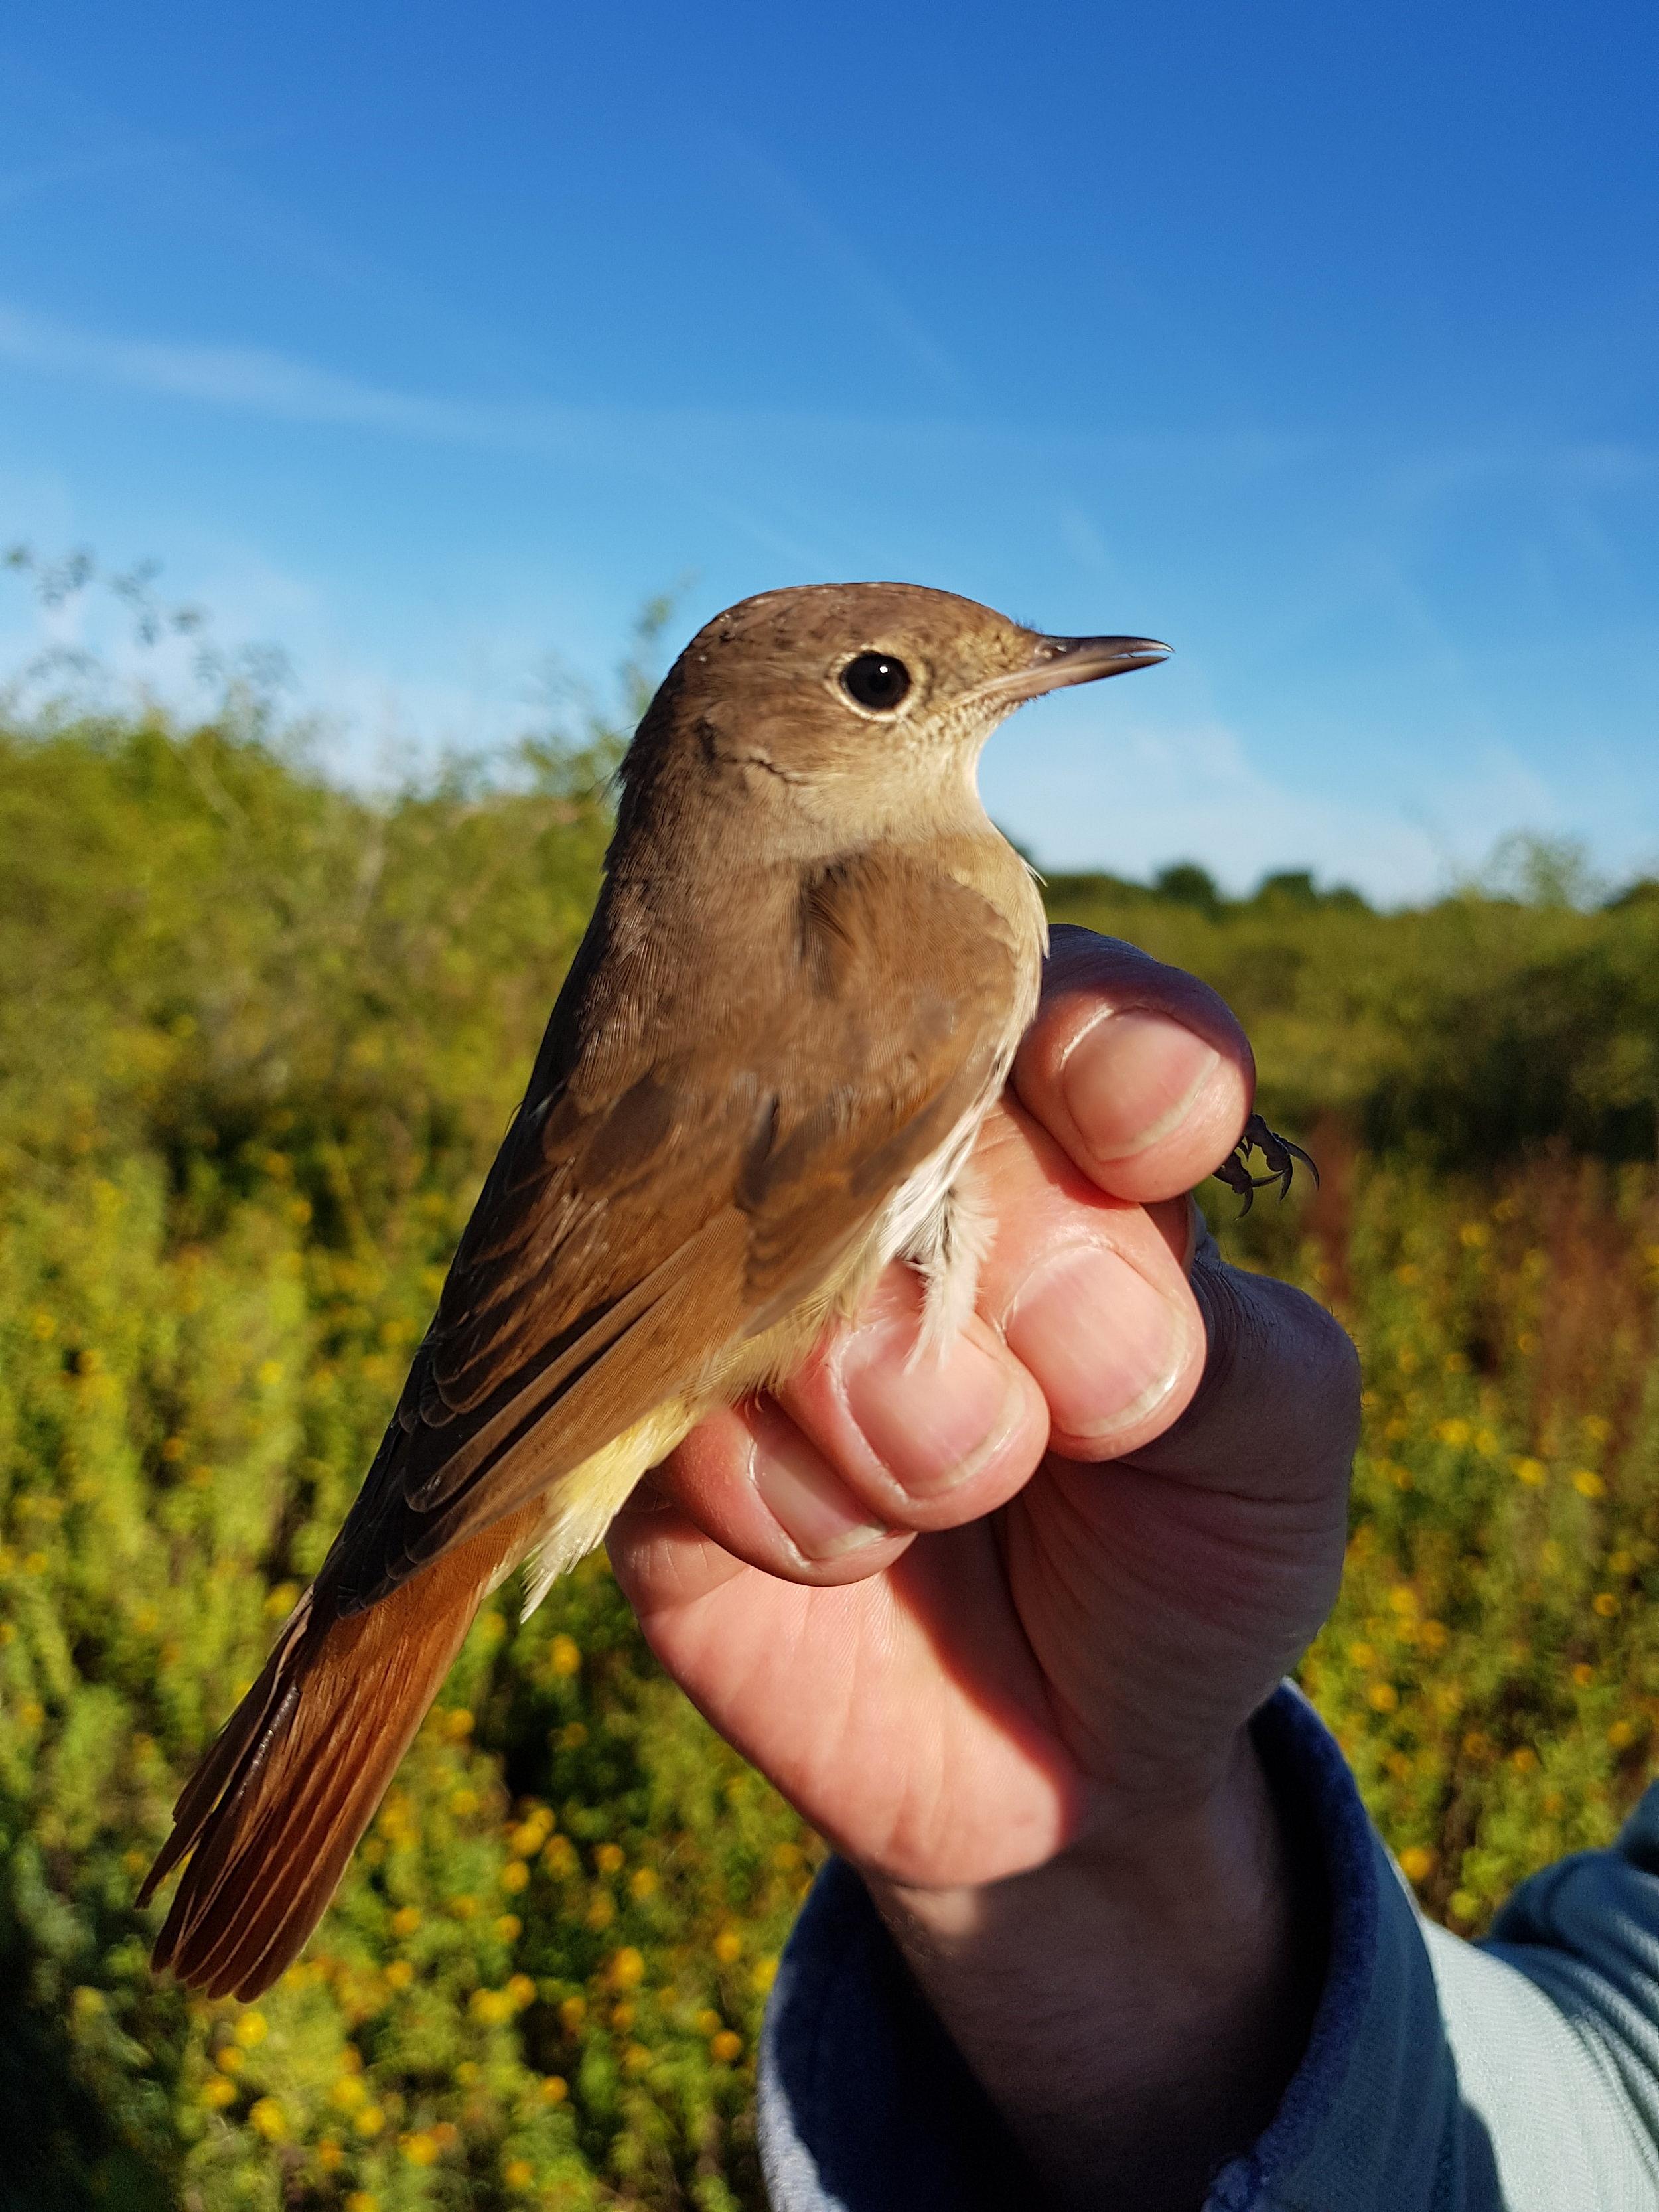 Nightingale juvenile